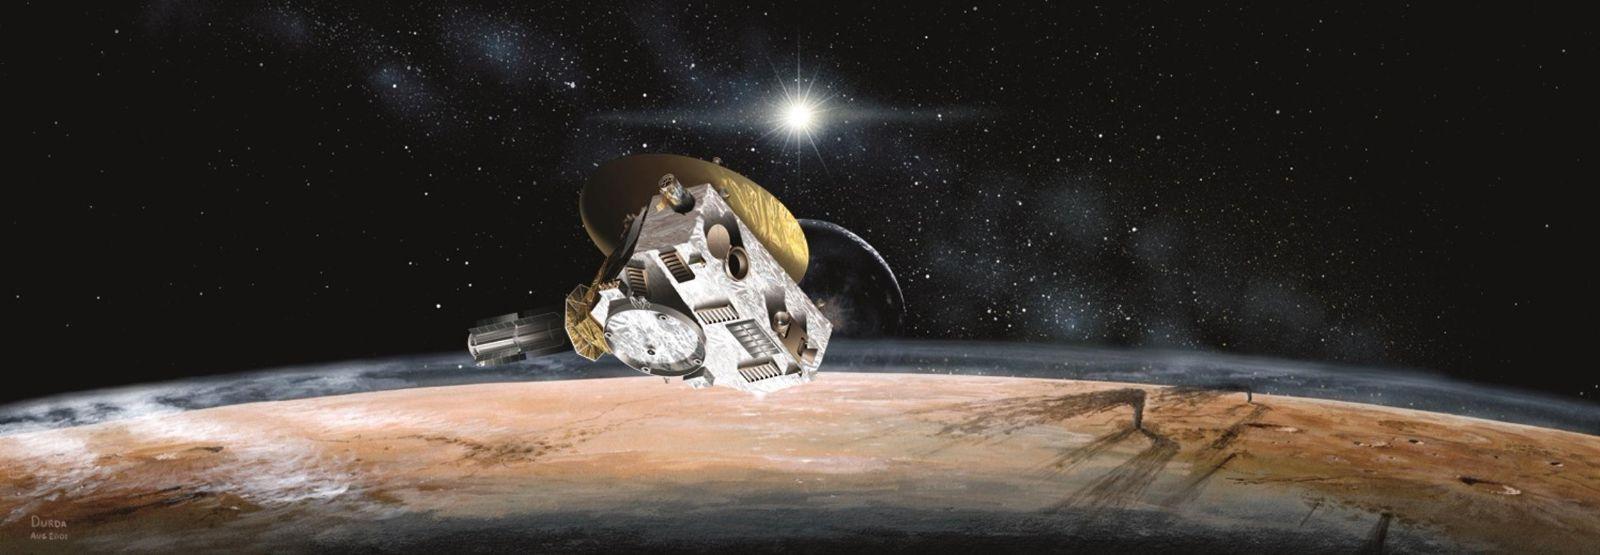 Dünya'dan en uzakta çekim yapan uzay aracı